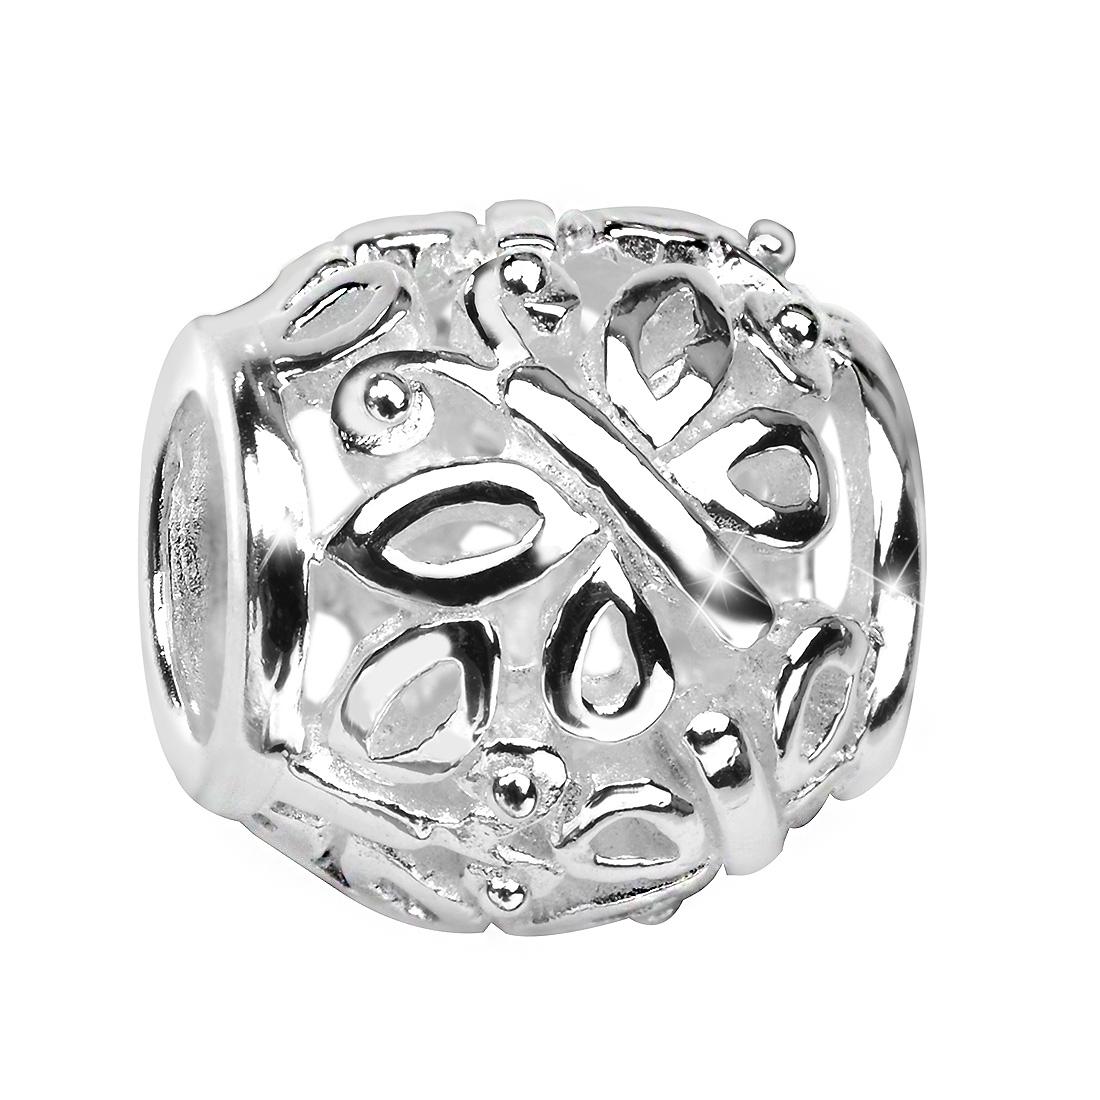 MATERIA Damen Beads Anhänger Schmetterling 925 Silber Charm